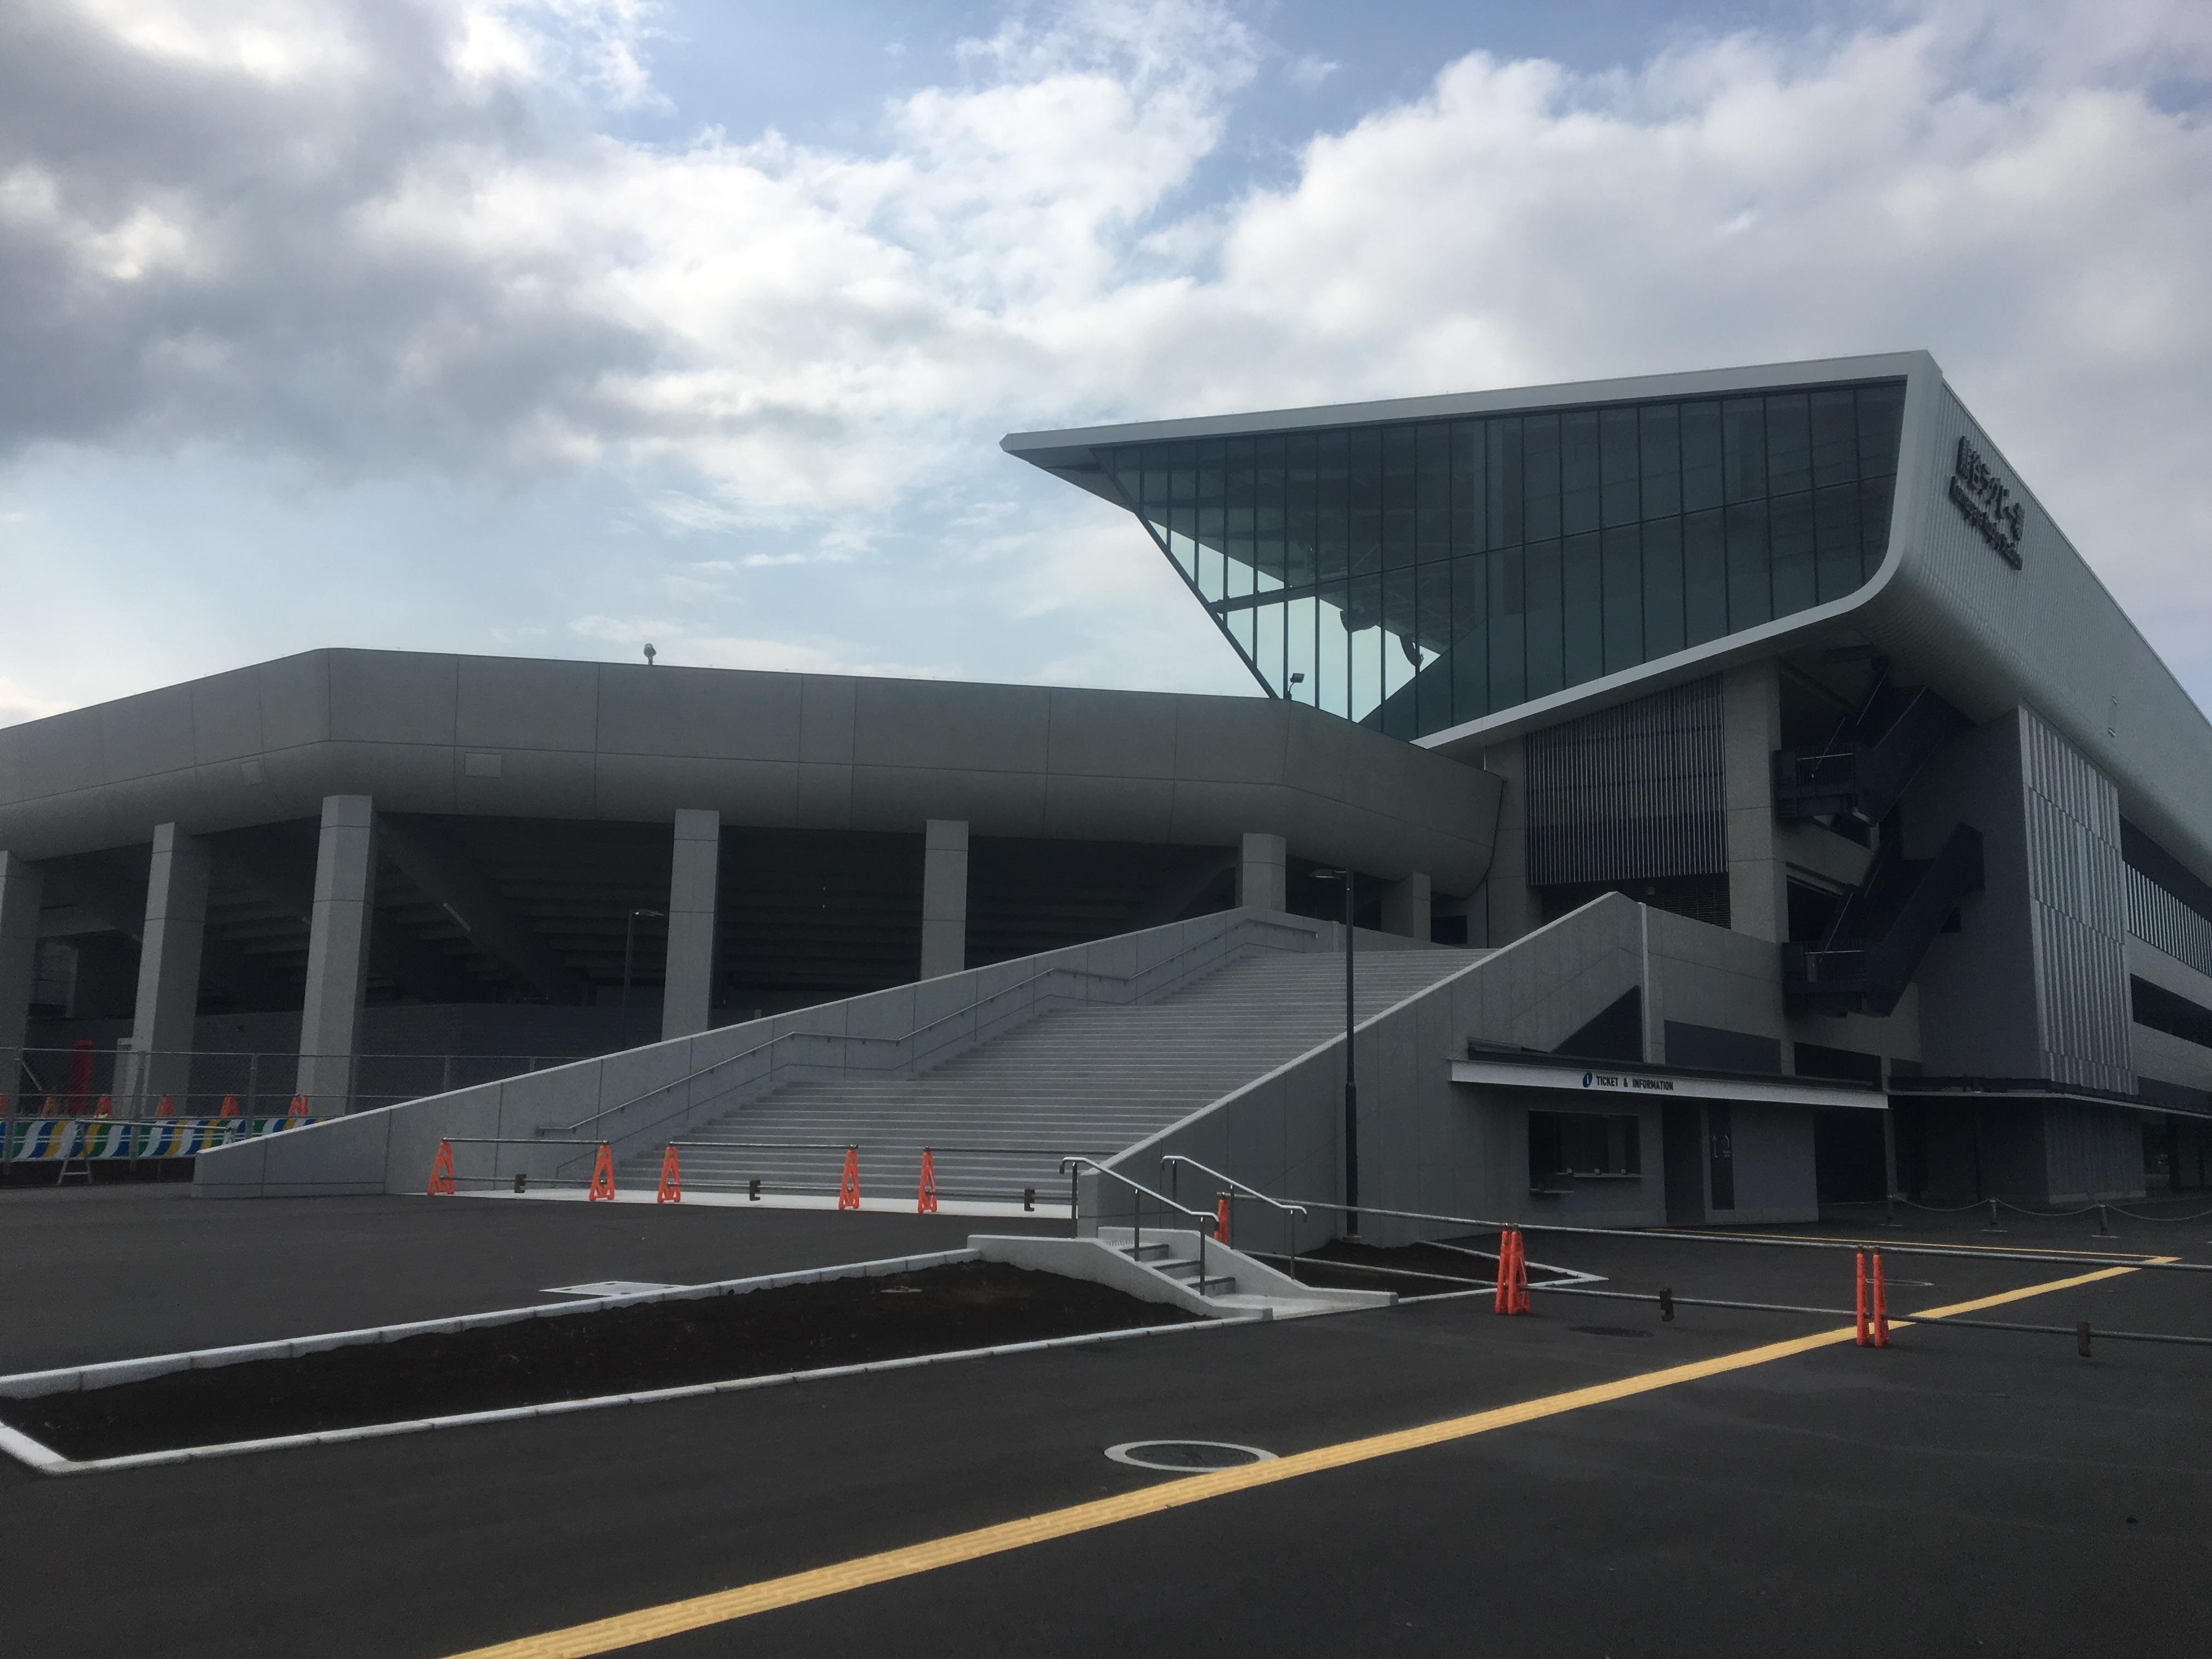 アツいぜ!熊谷市 その4 戦いの舞台は整った!熊谷スポーツ文化公園・熊谷ラグビー場